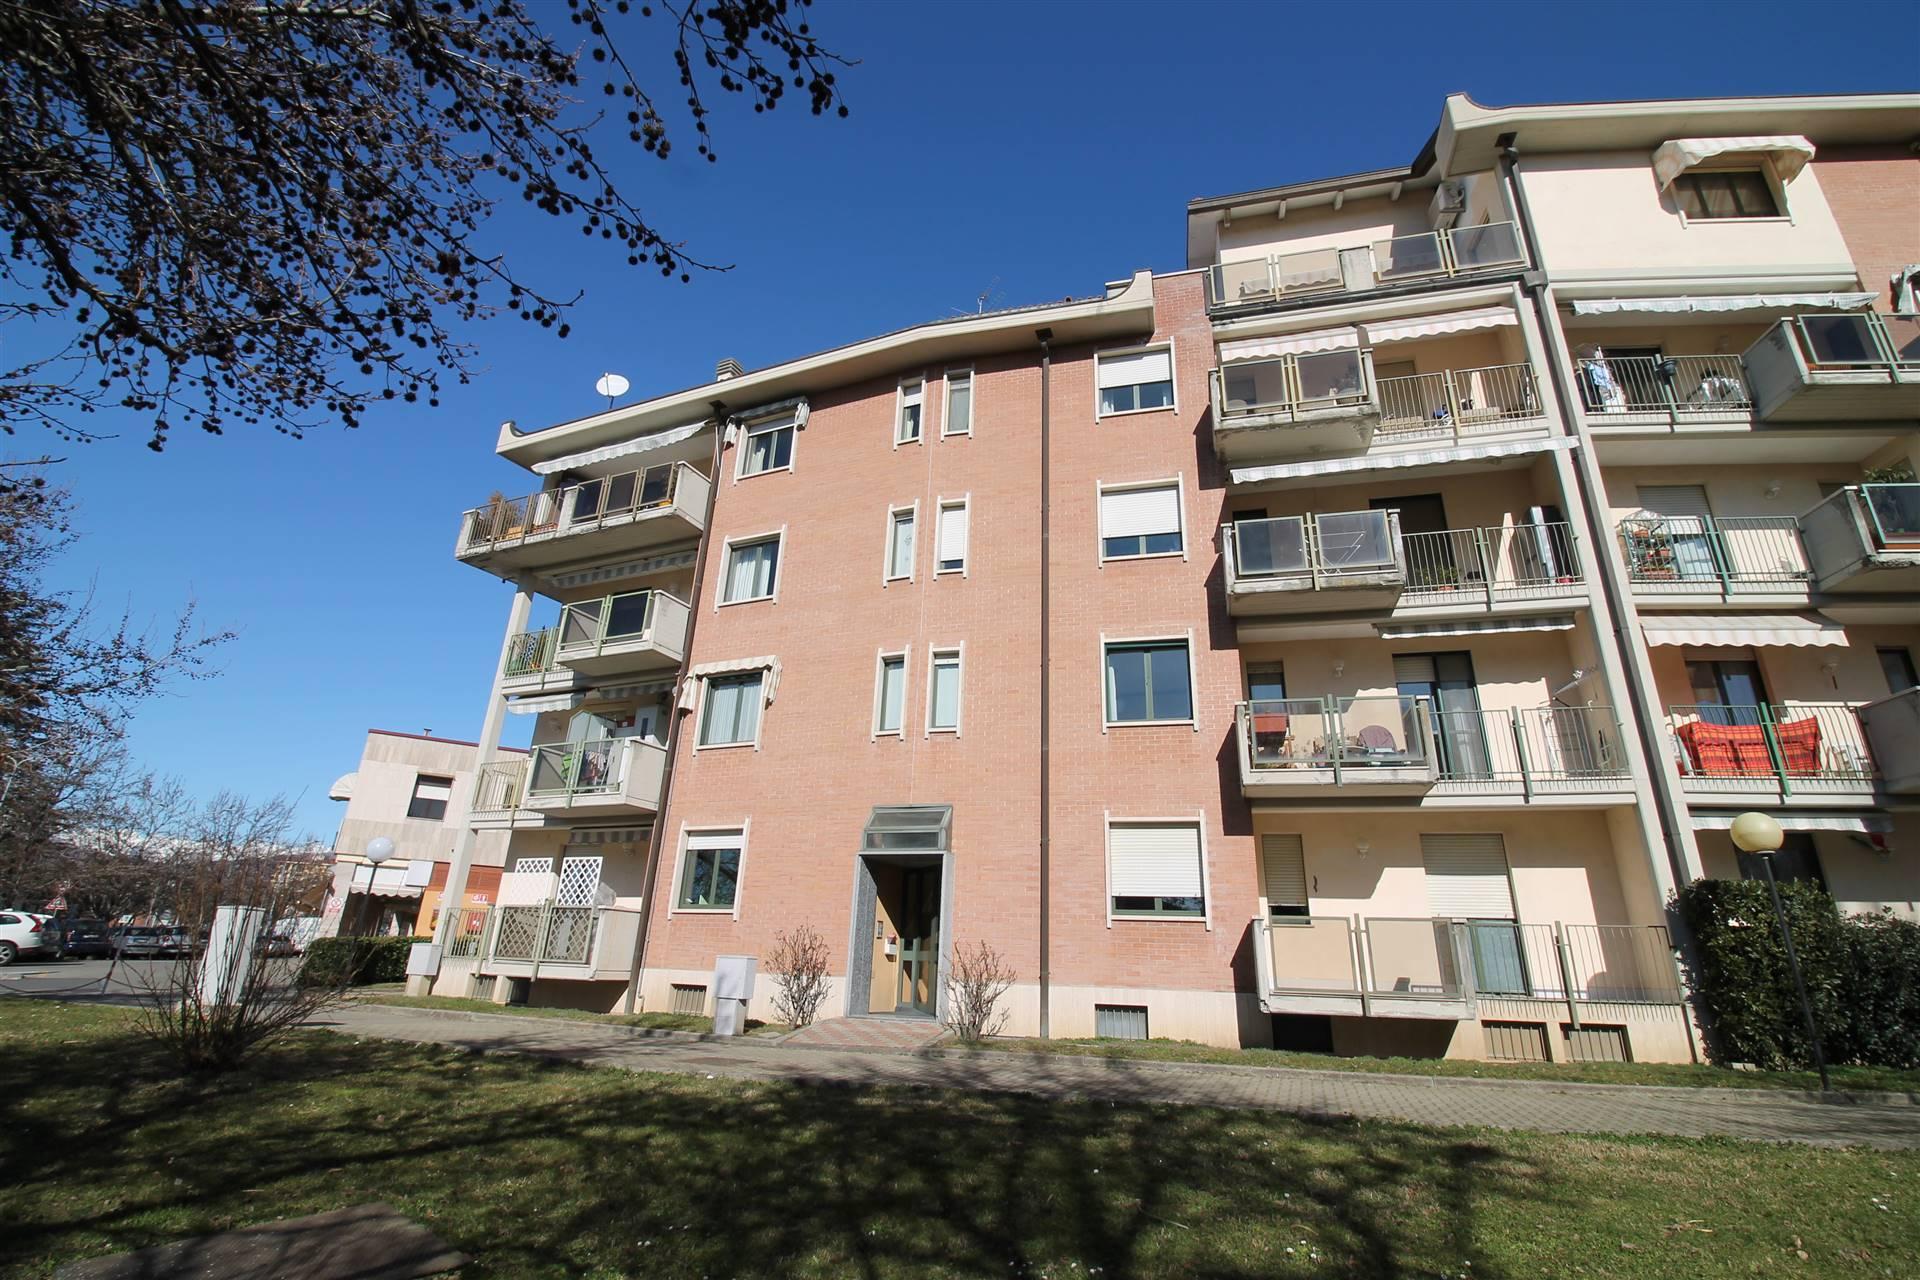 Attico / Mansarda in vendita a Cossato, 5 locali, prezzo € 165.000   PortaleAgenzieImmobiliari.it